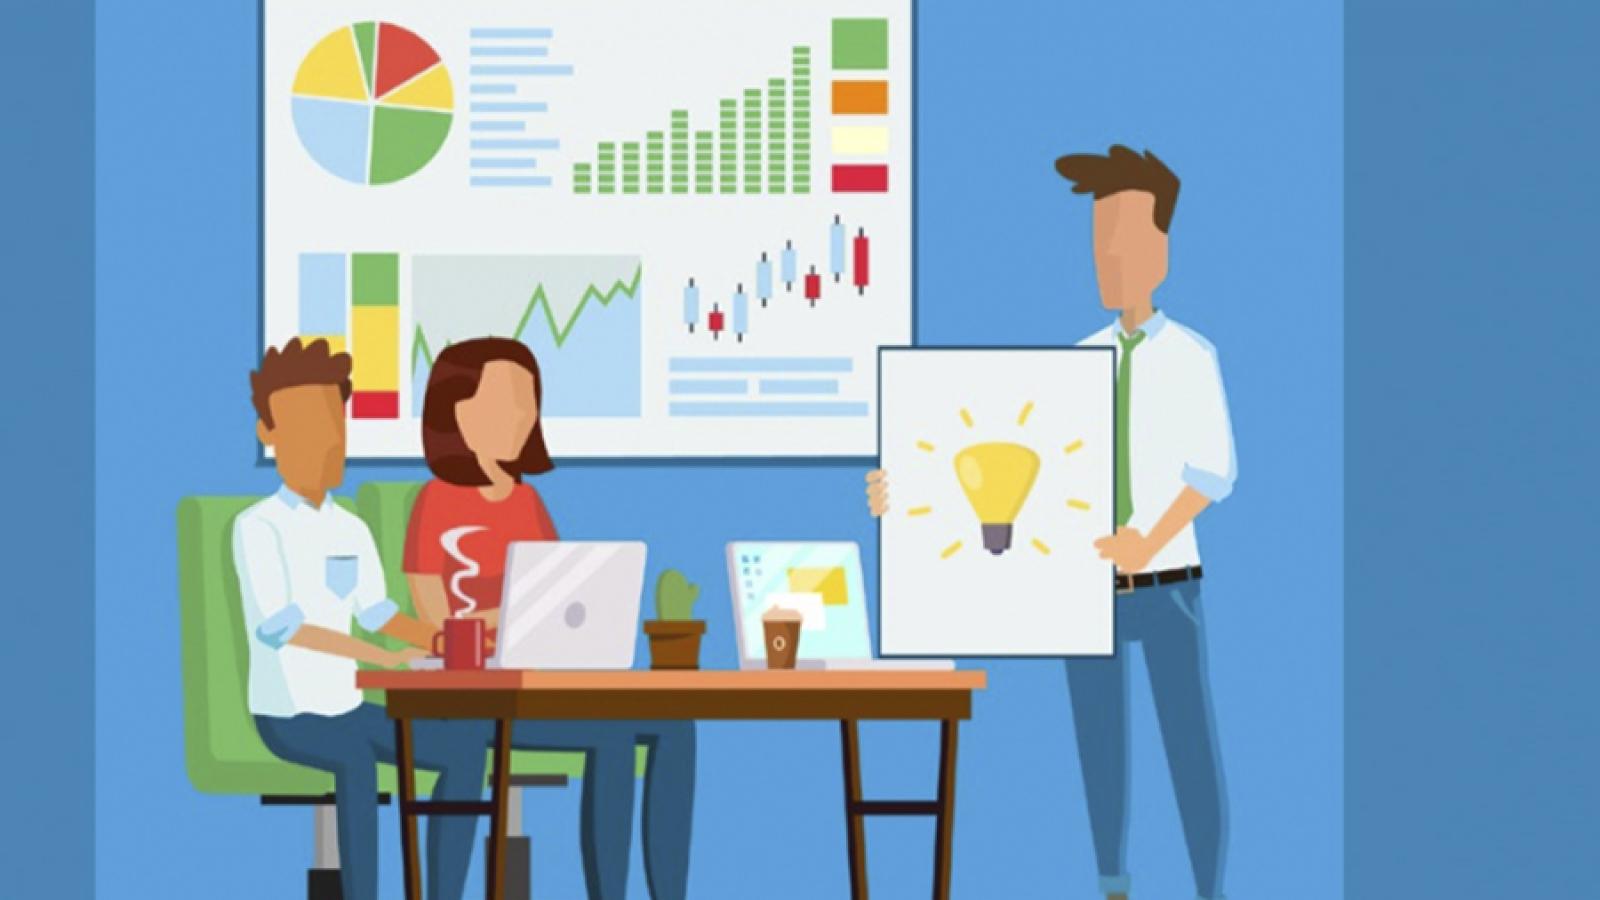 5-solucoes-de-ti-em-que-toda-empresa-deve-investir